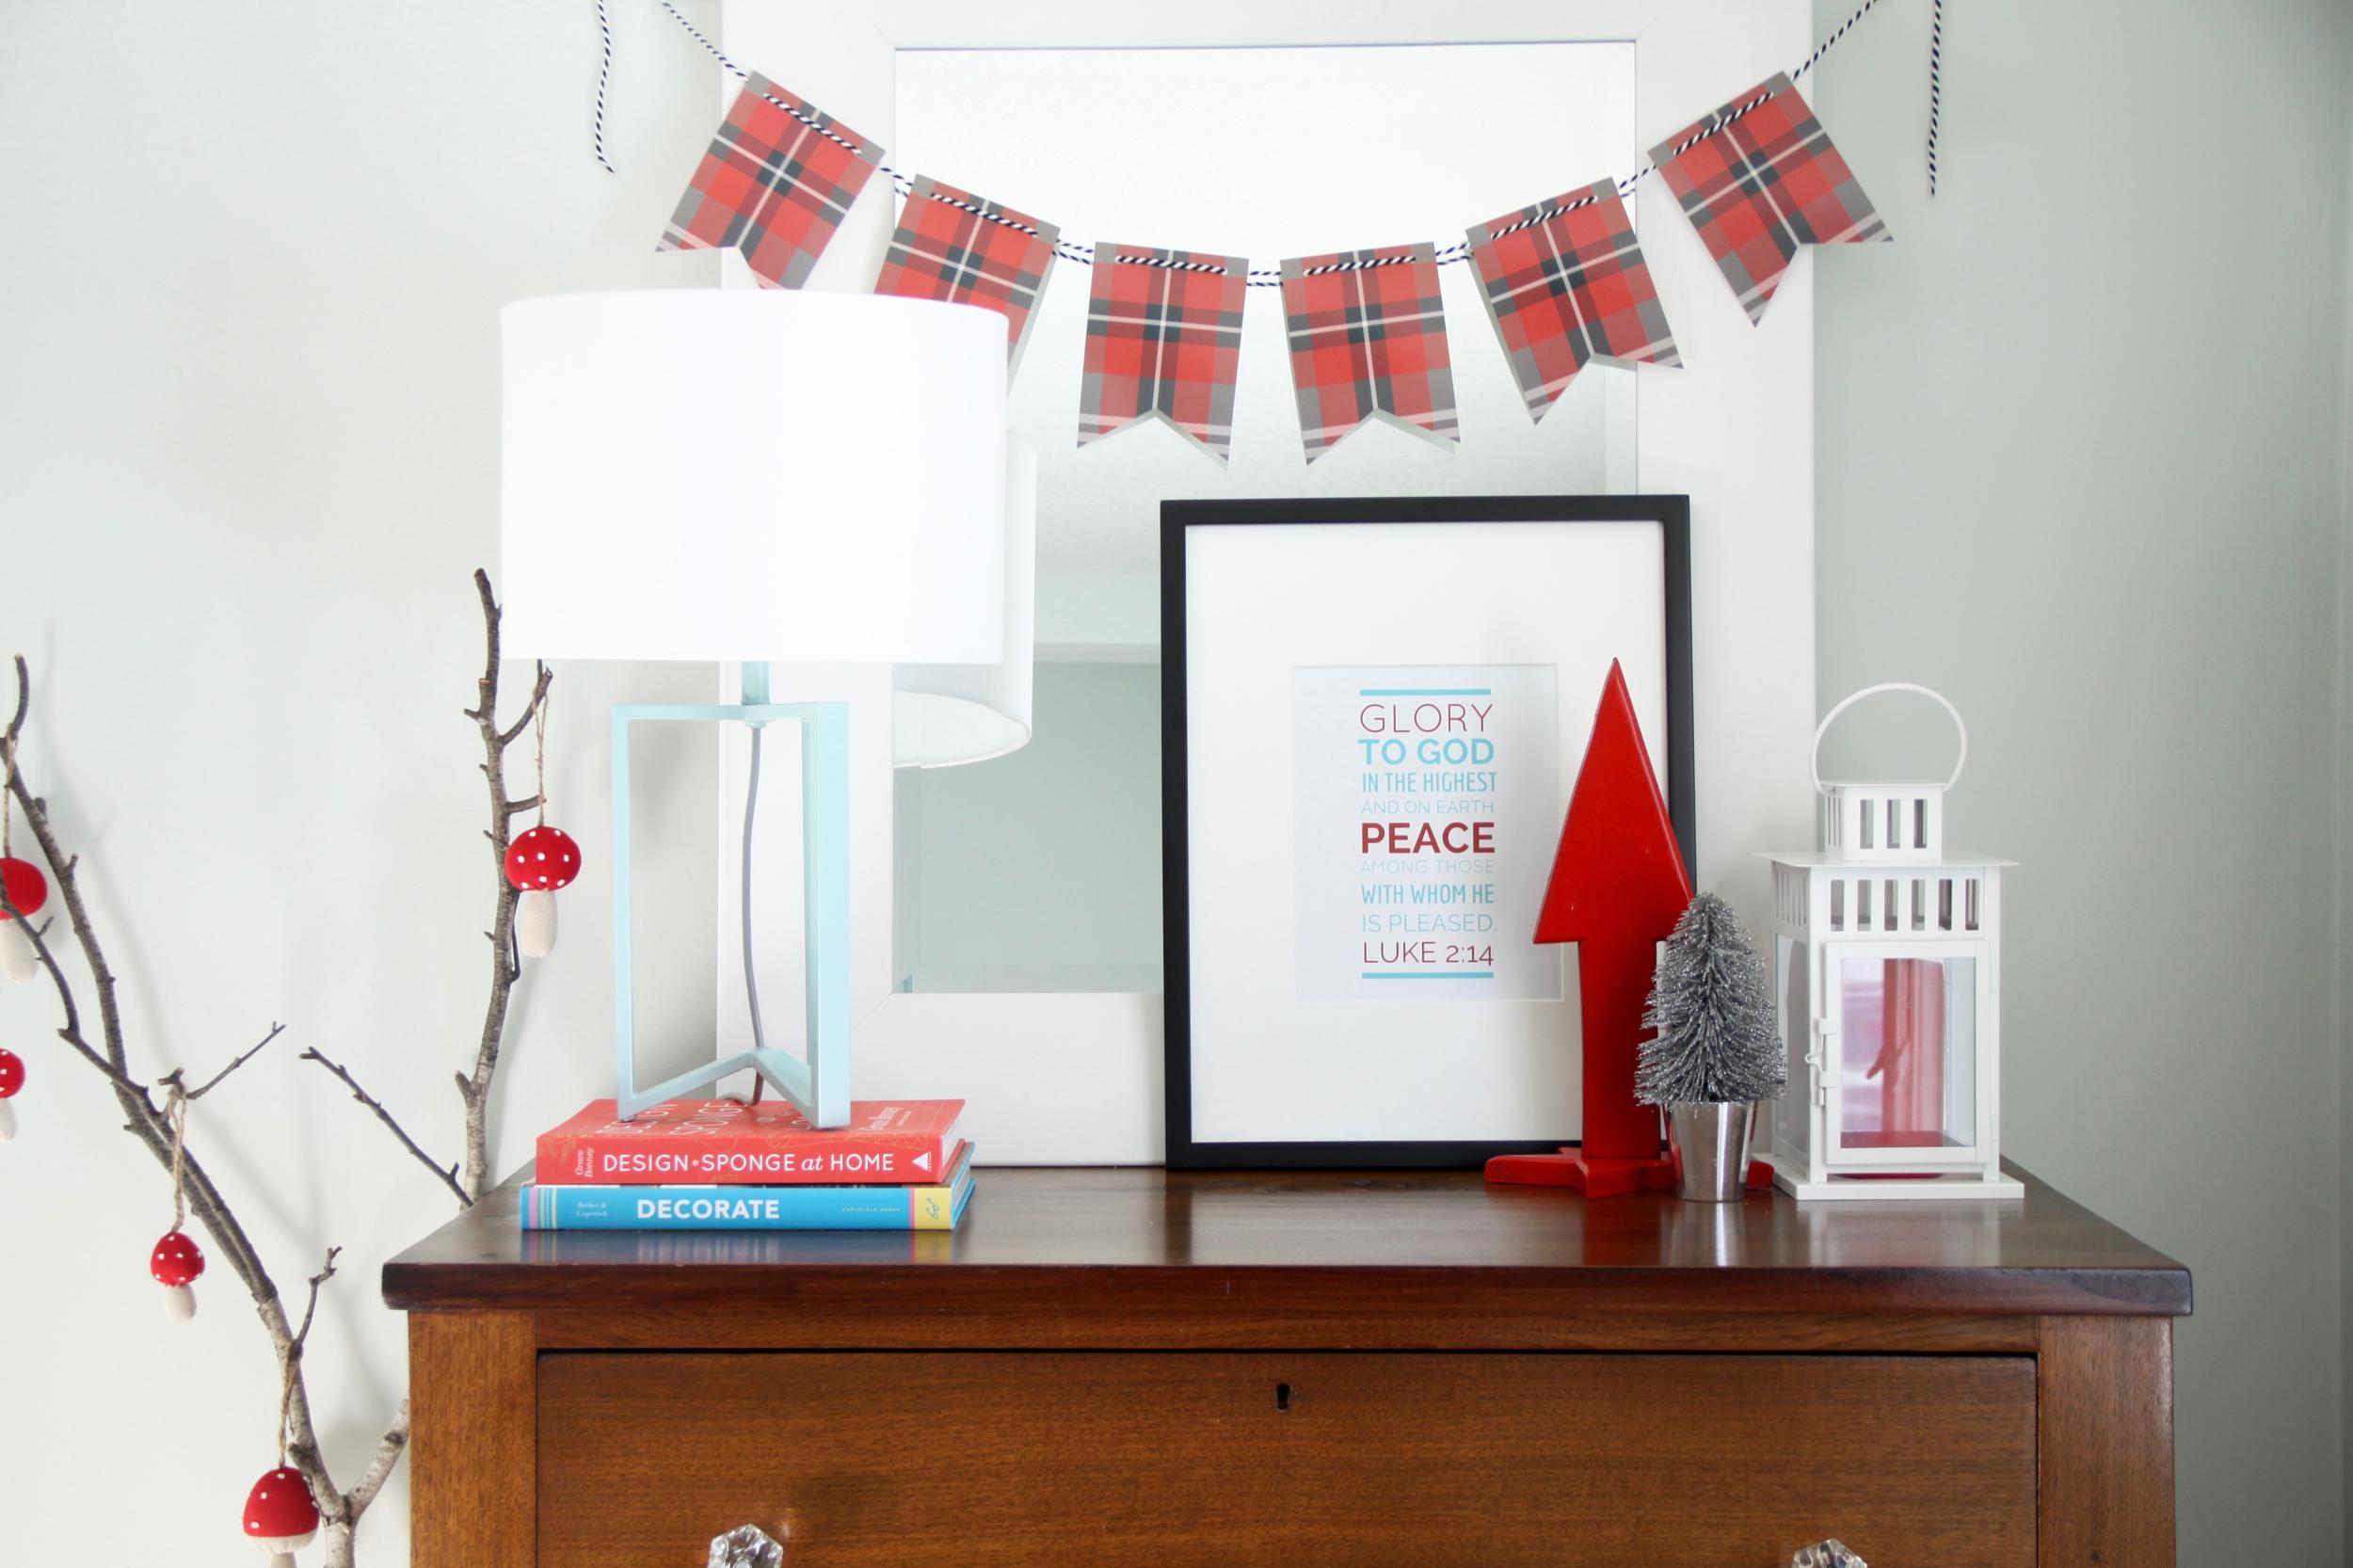 Campy Christmas Decor with Free Christmas Art Printable